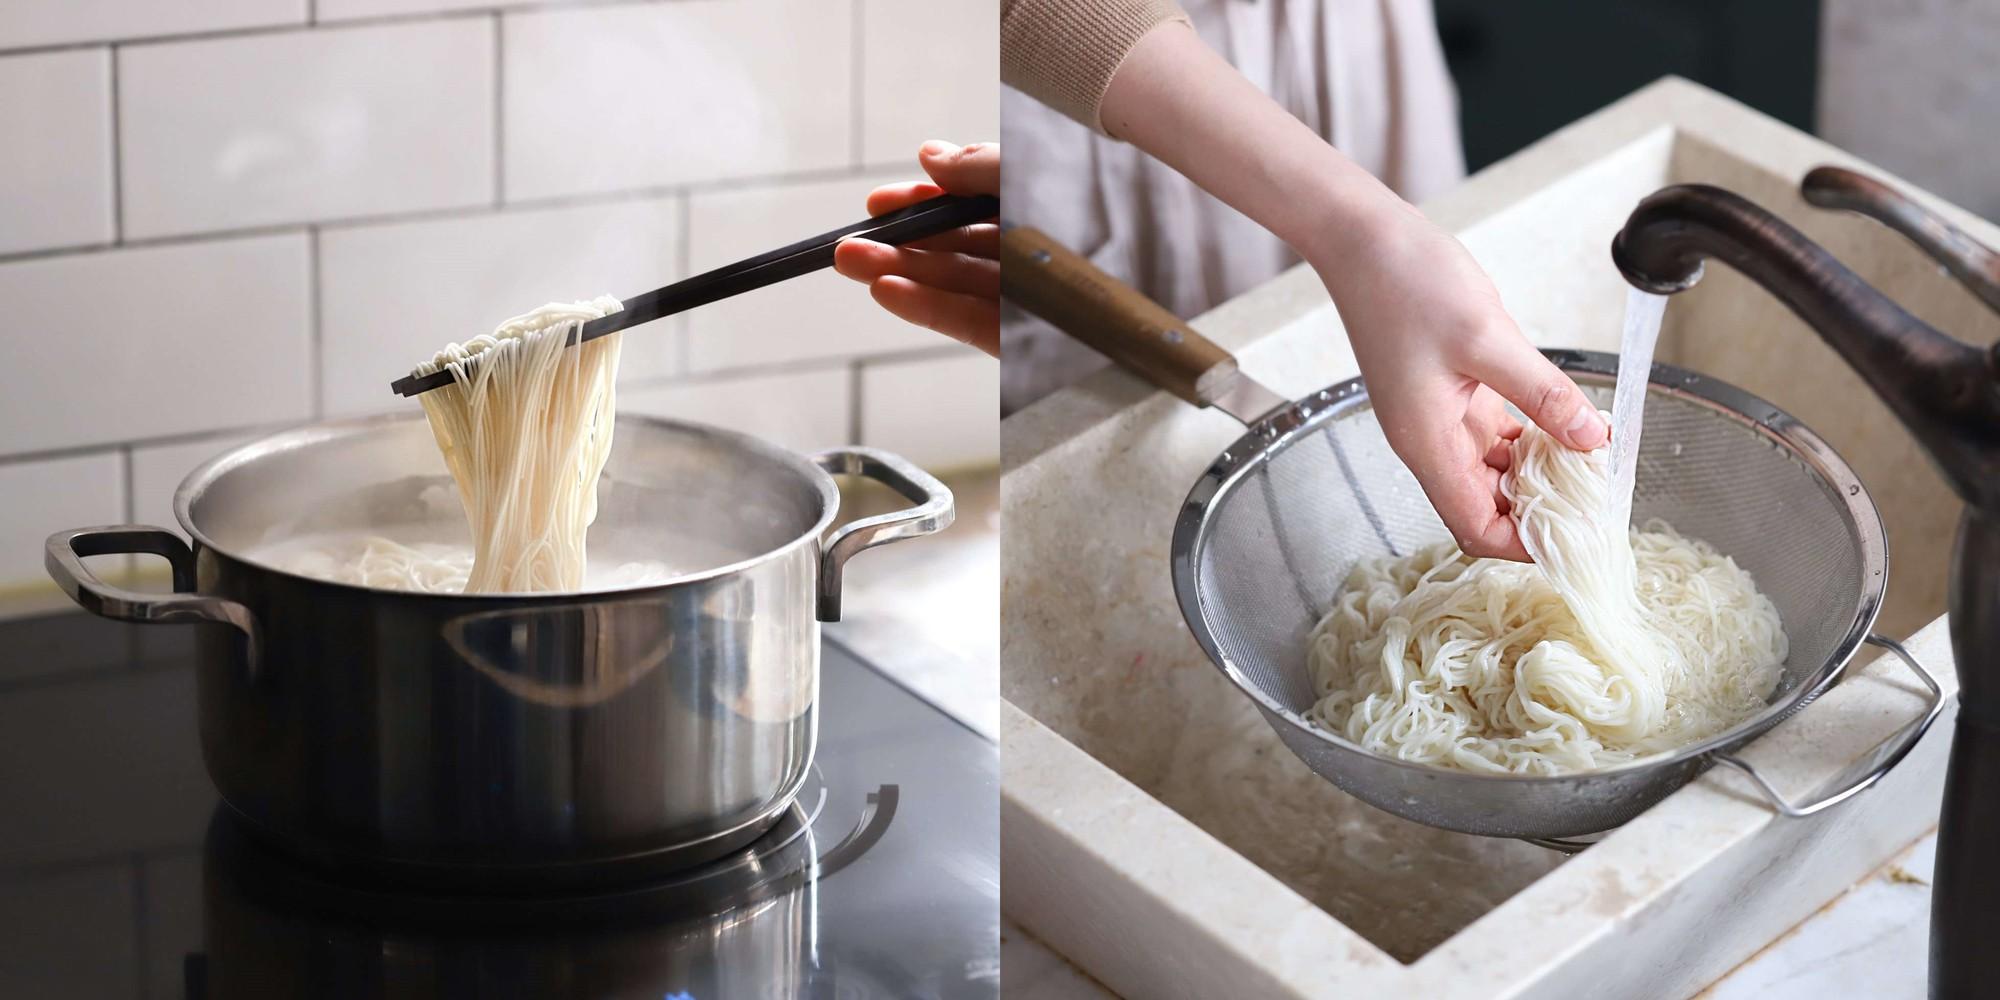 Những ngày nắng mệt mỏi, tôi làm món mì trộn siêu tốc thì cả nhà ăn ngon lành ai cũng khen!